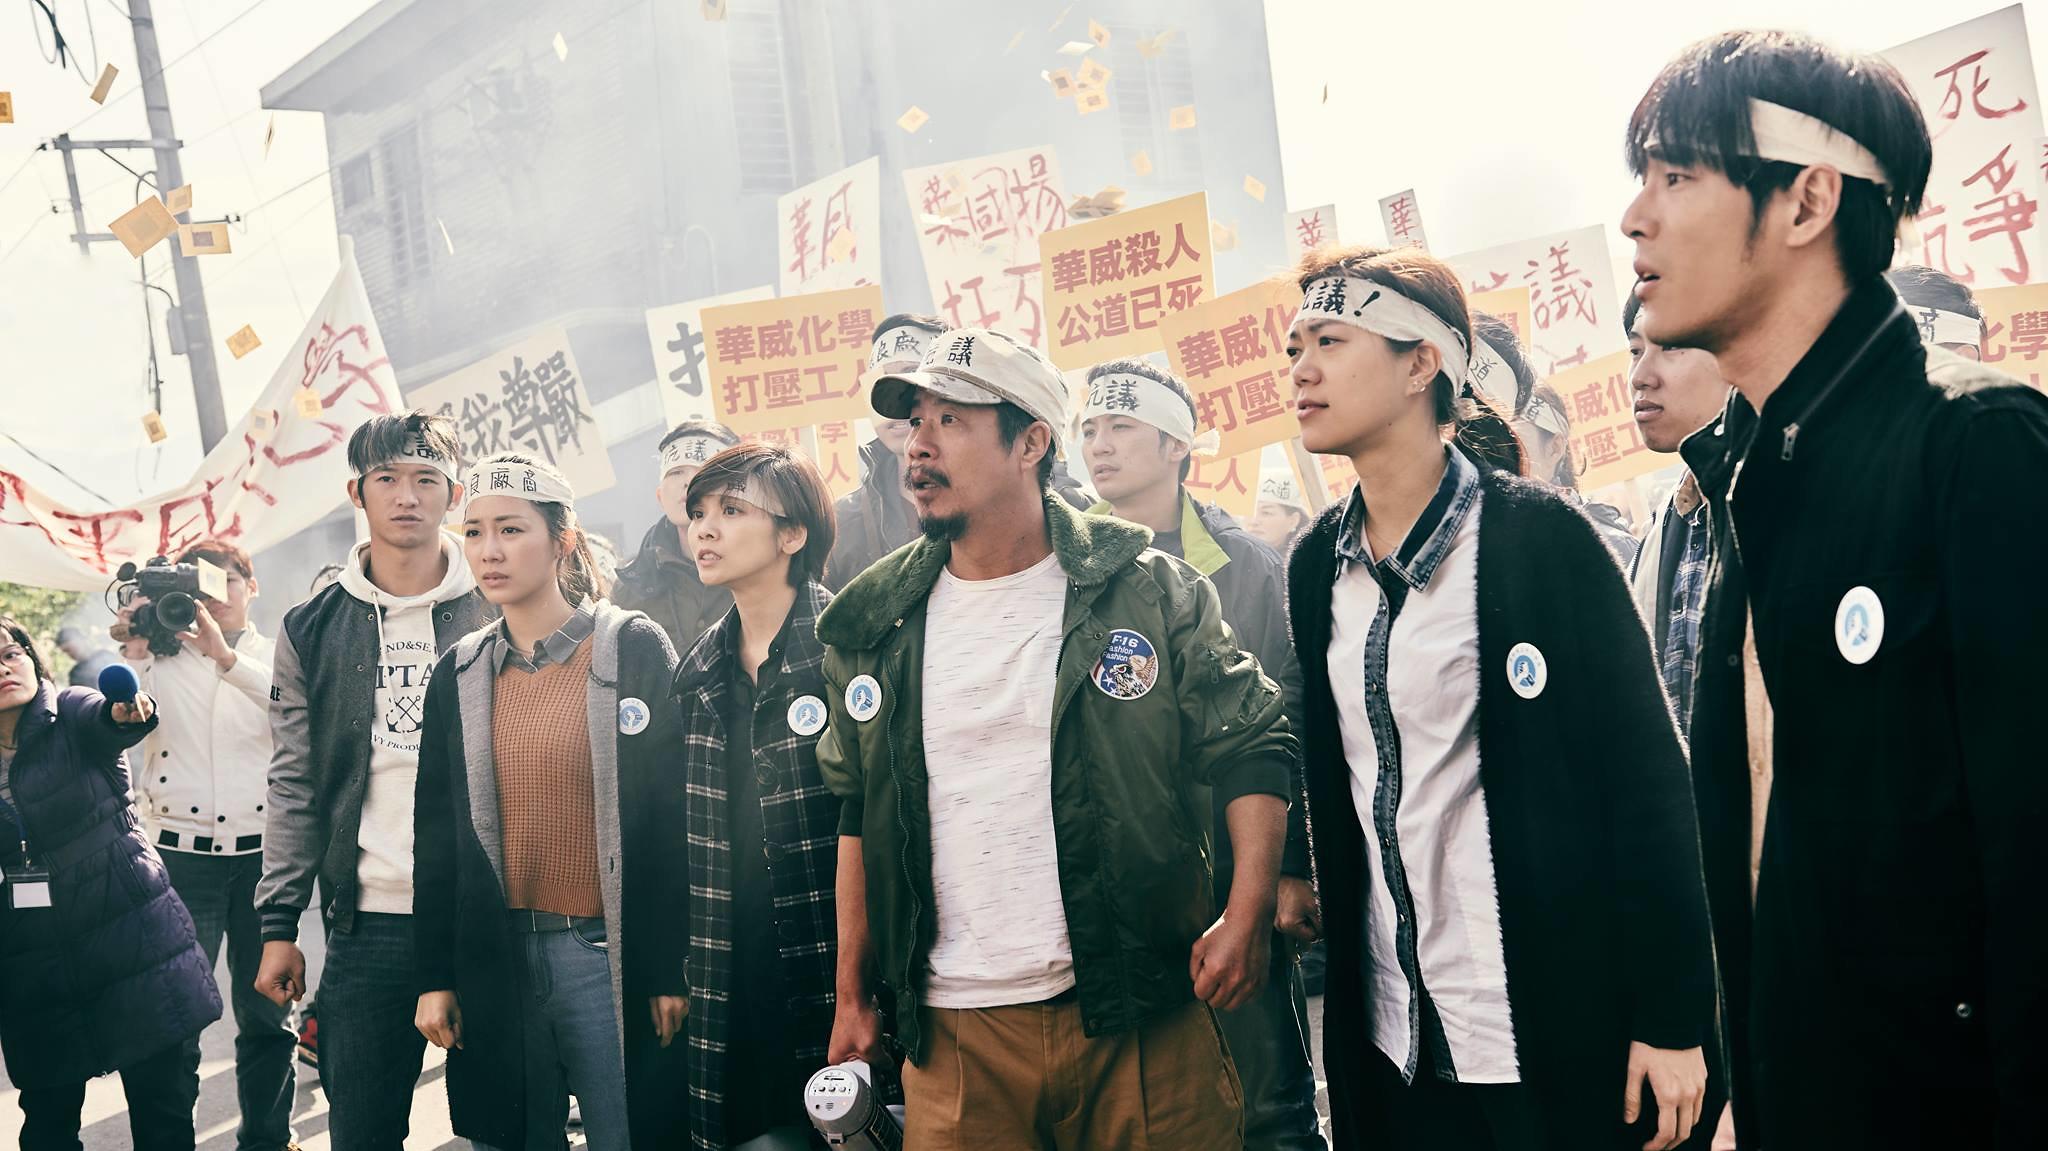 劇中針對華威化學的抗爭。(劇照取自《勞動之王》臉書)